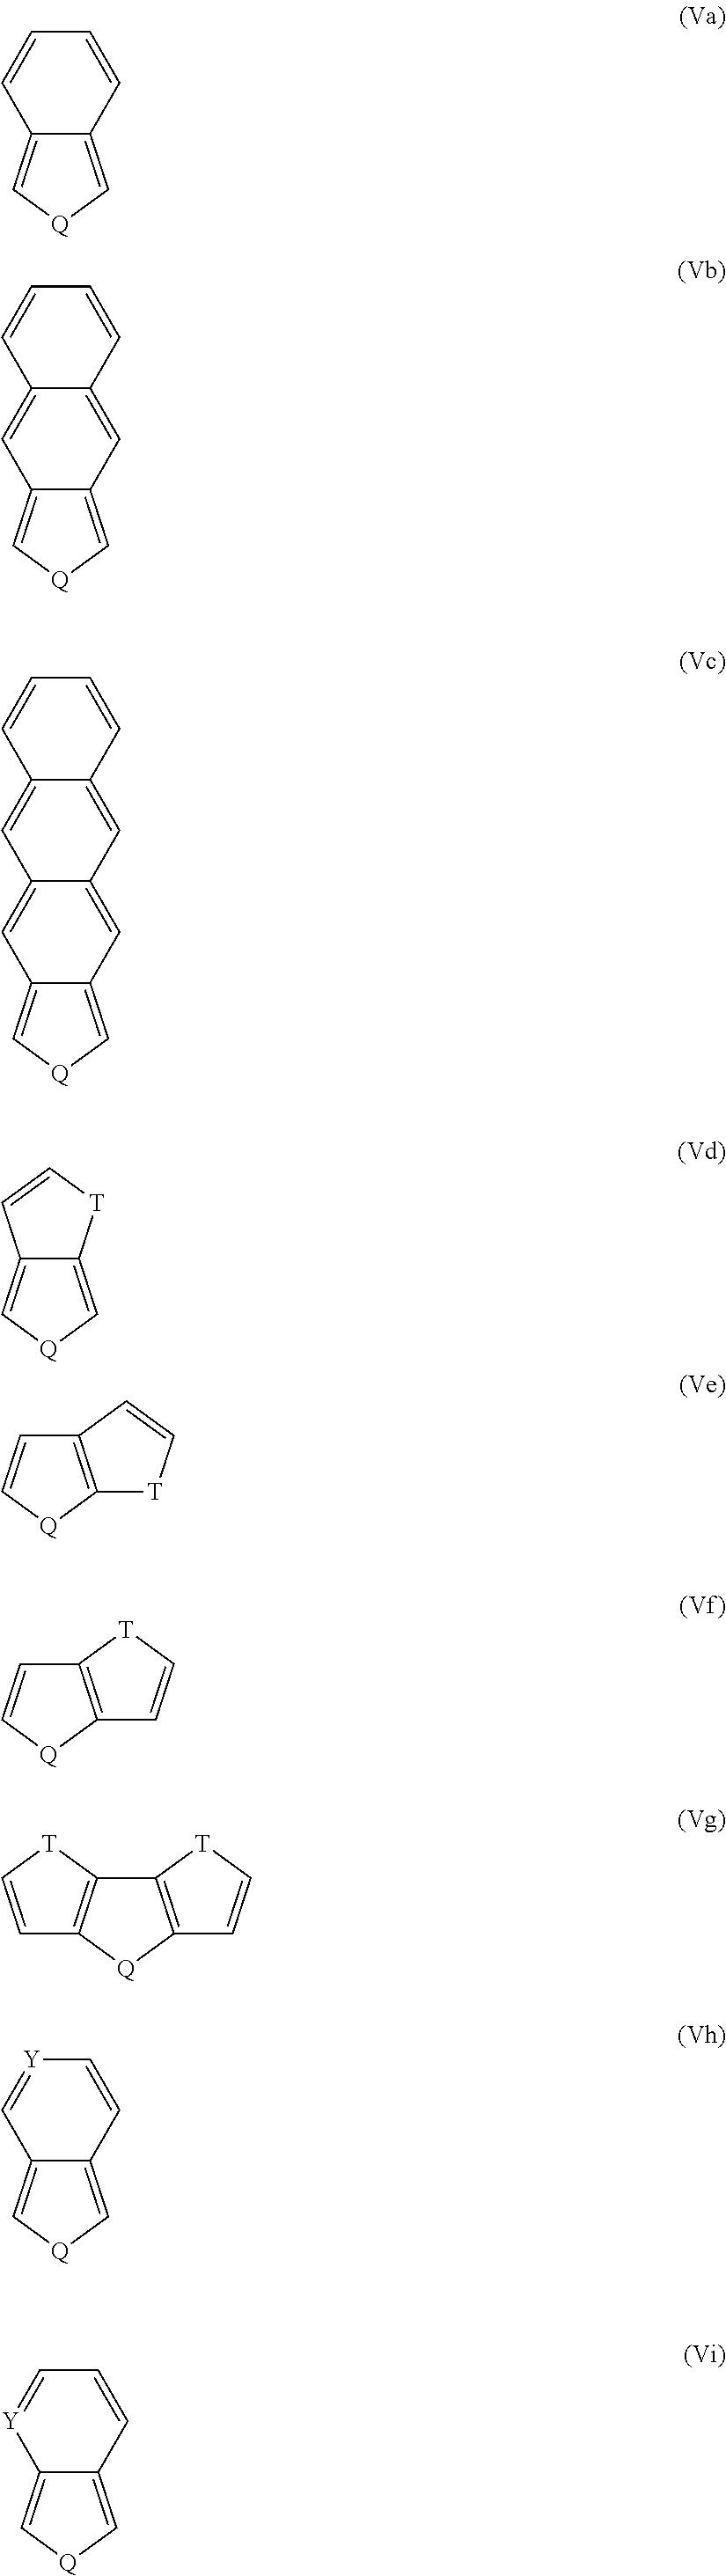 Figure US20110147719A1-20110623-C00009